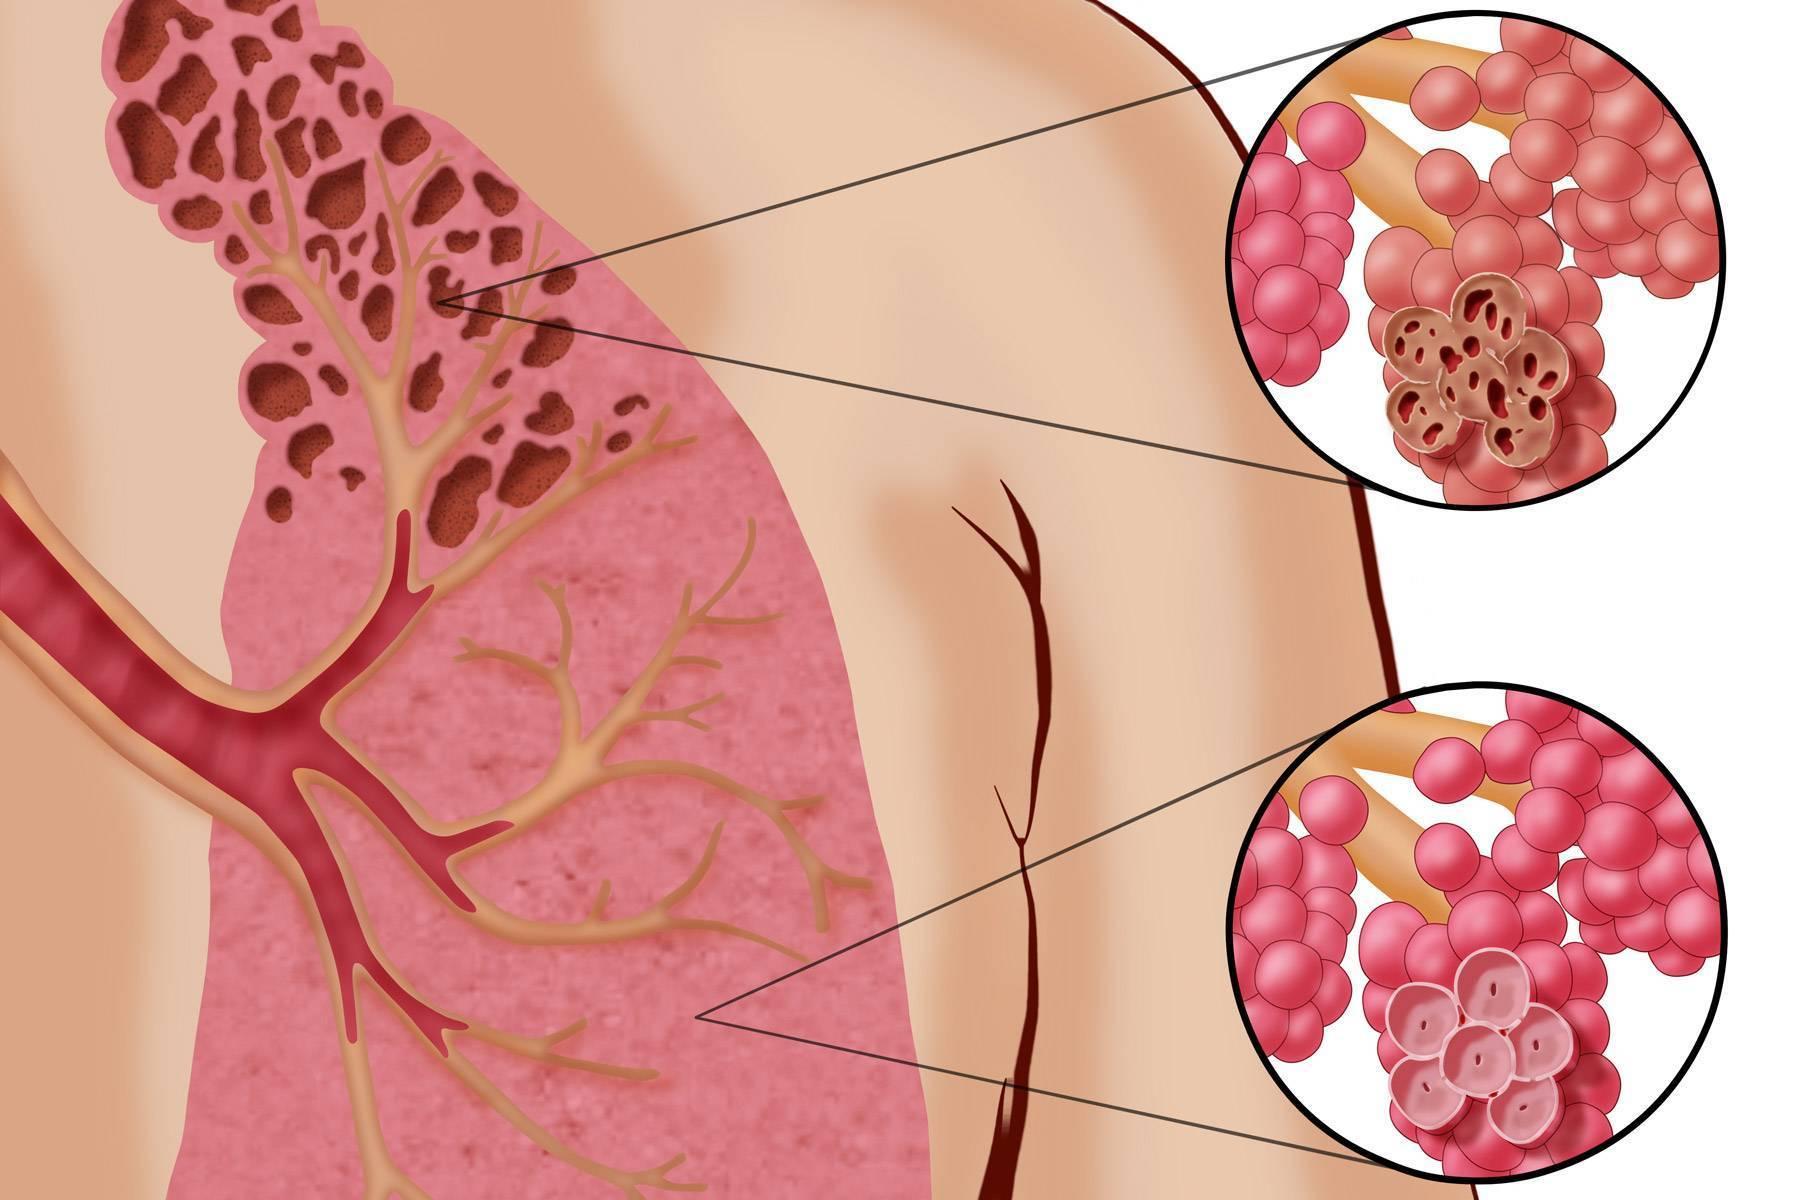 Облитерирующий бронхиолит: симптомы и лечение у взрослых